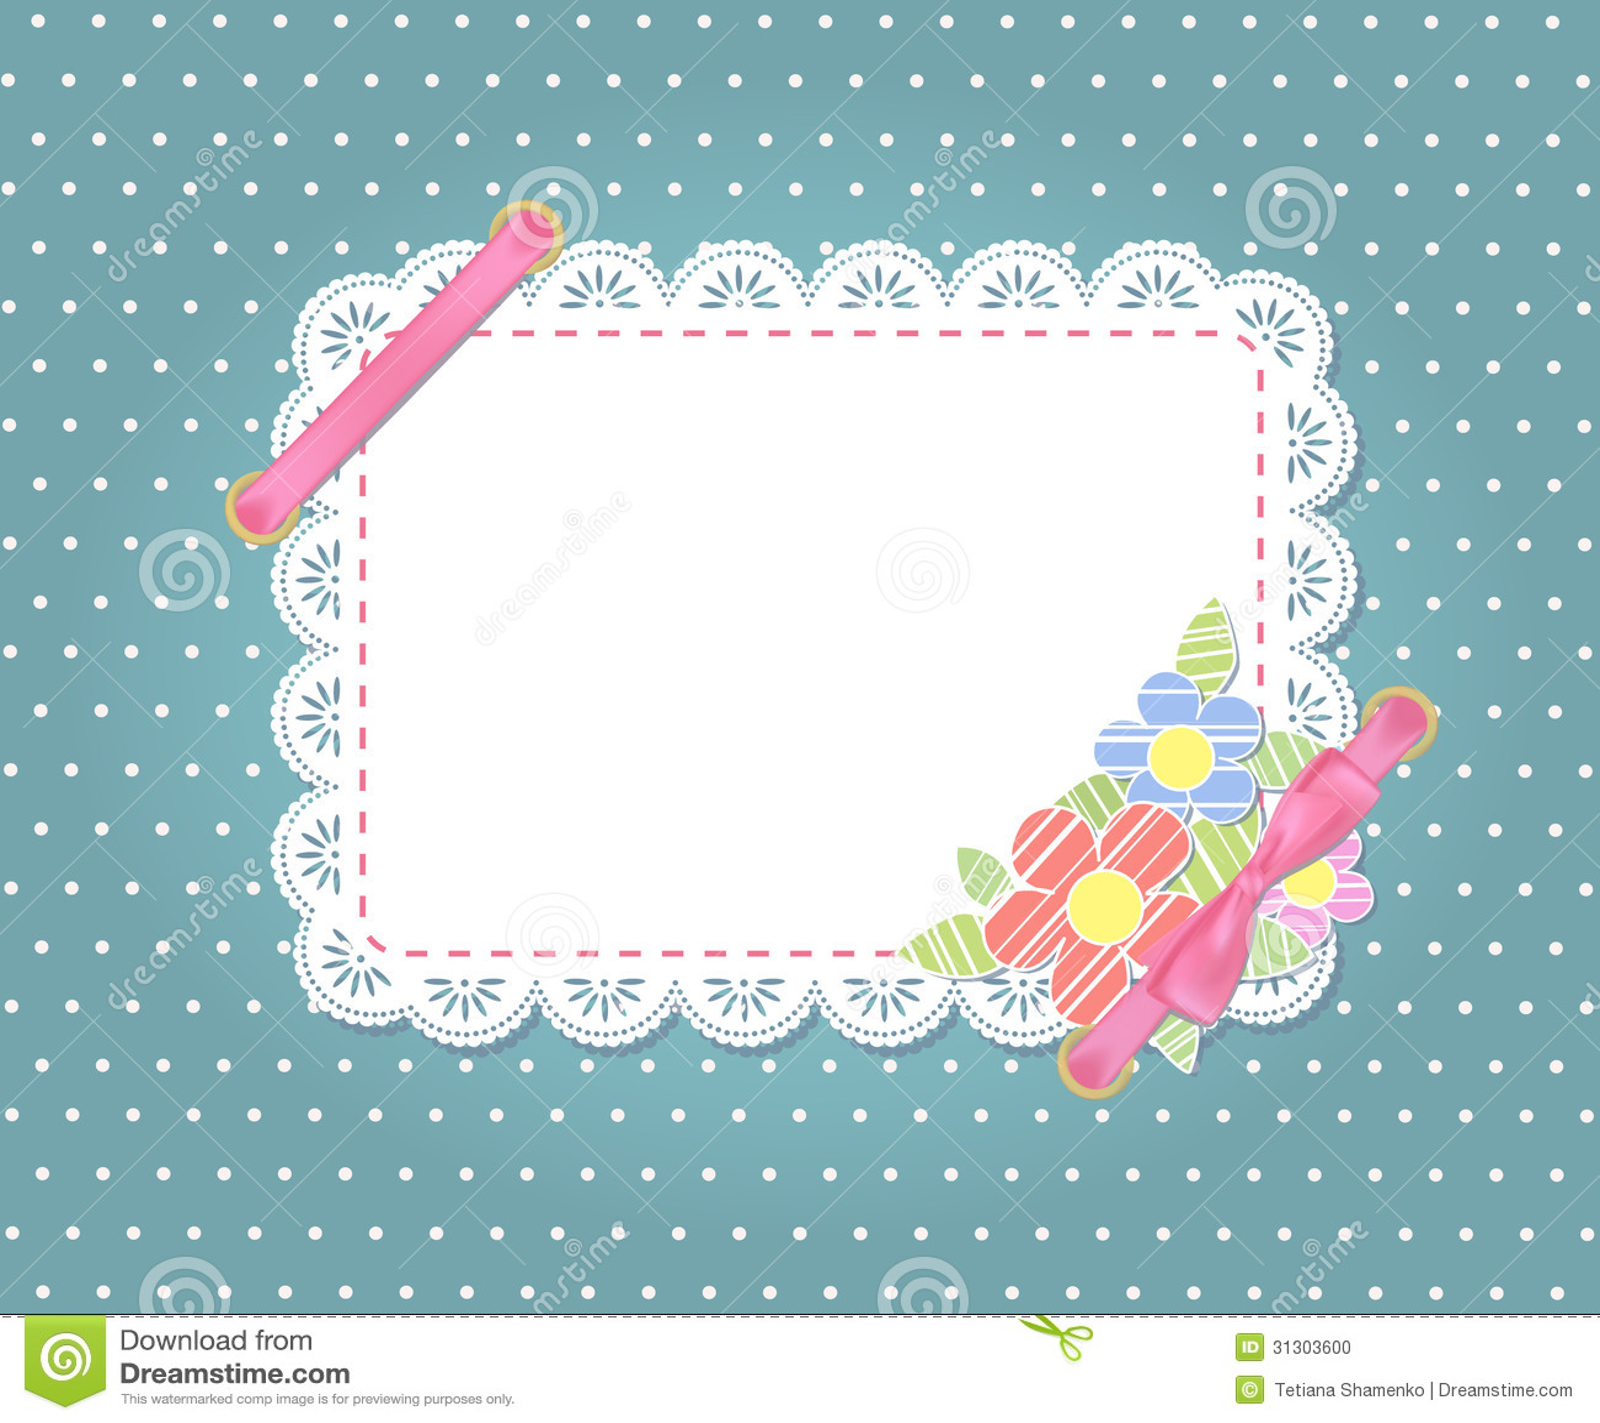 Diseño Del Marco De La Plantilla Para La Tarjeta. Ilustración del ...